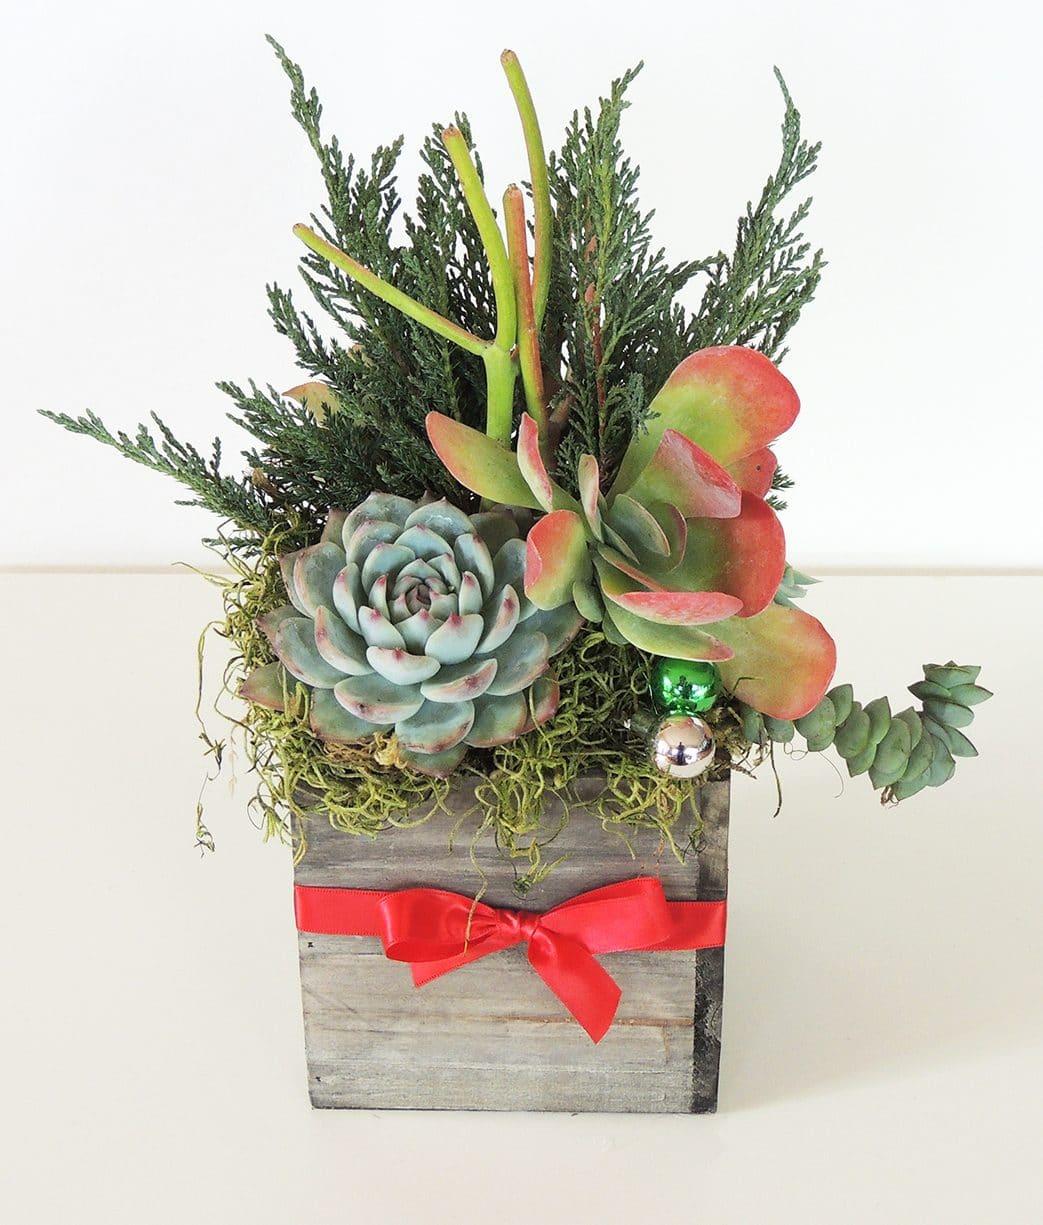 Christmas Succulent Gift.Succulent Arrangements 5 X 5 Wood Container